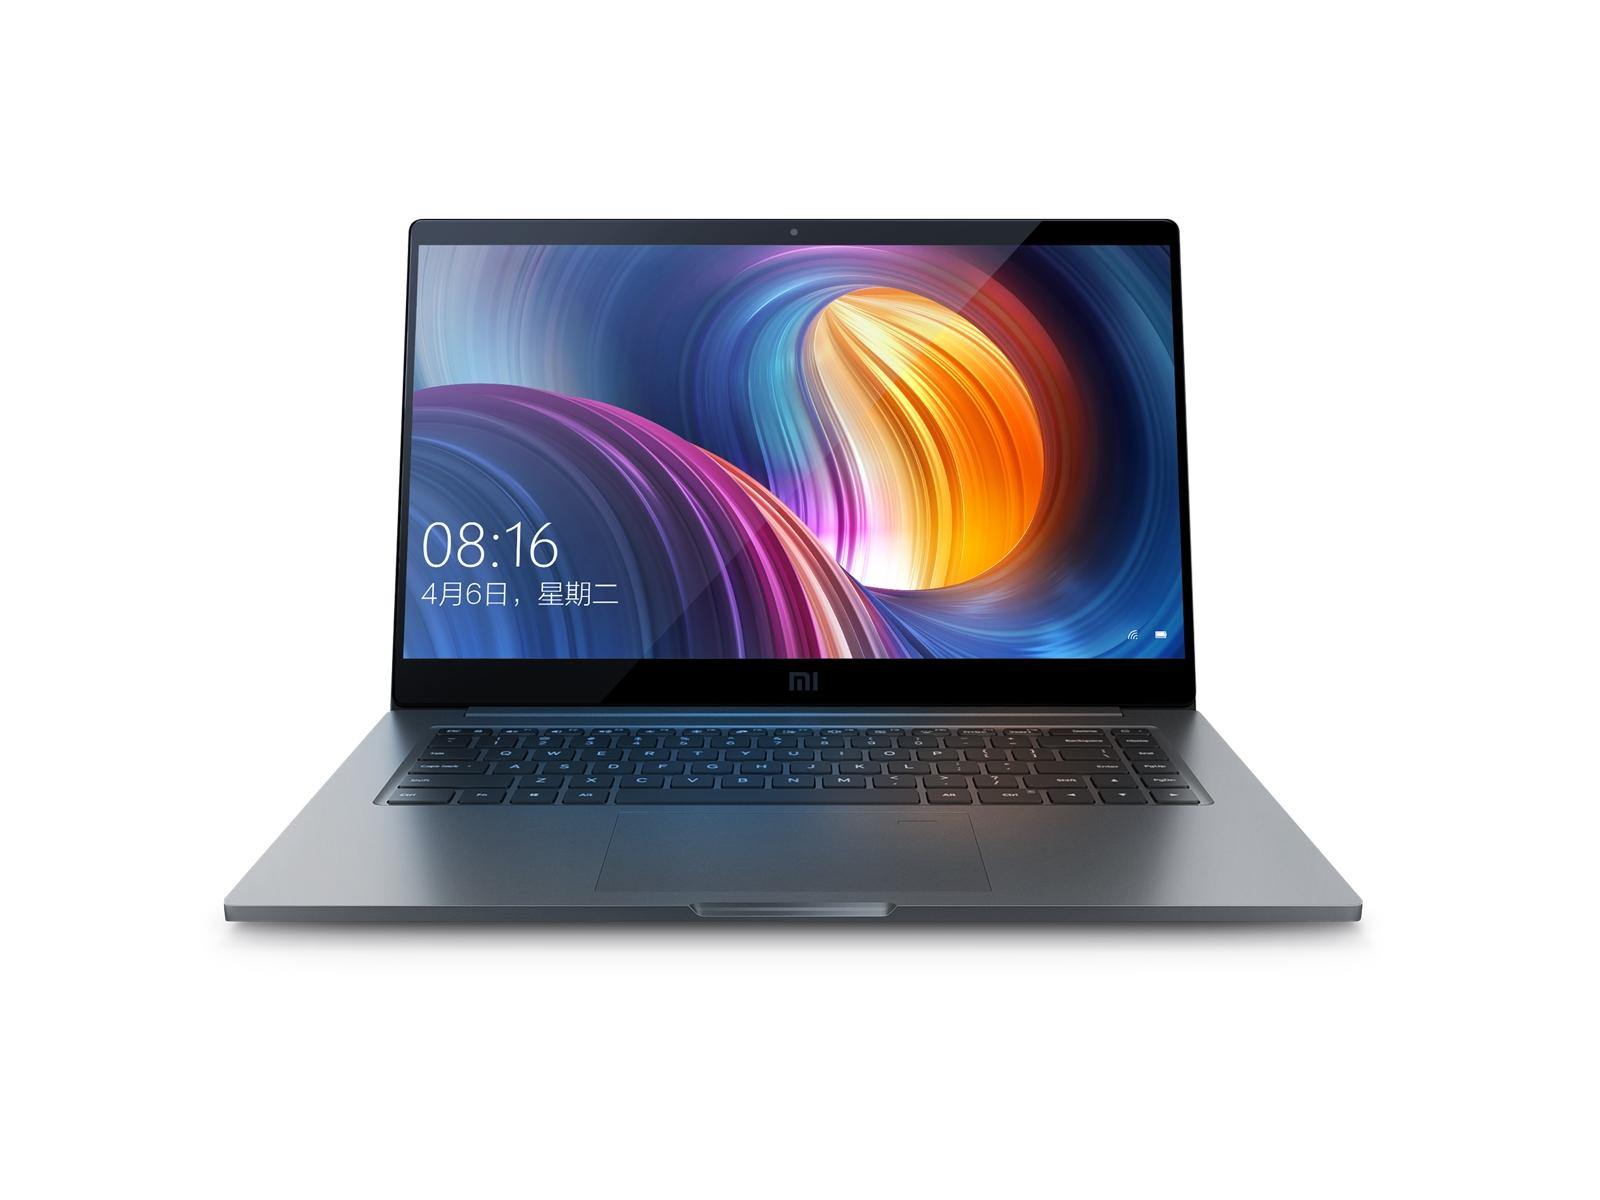 Xiaomi Mi Notebook Pro Le Fabricant Chinois S Attaque Au